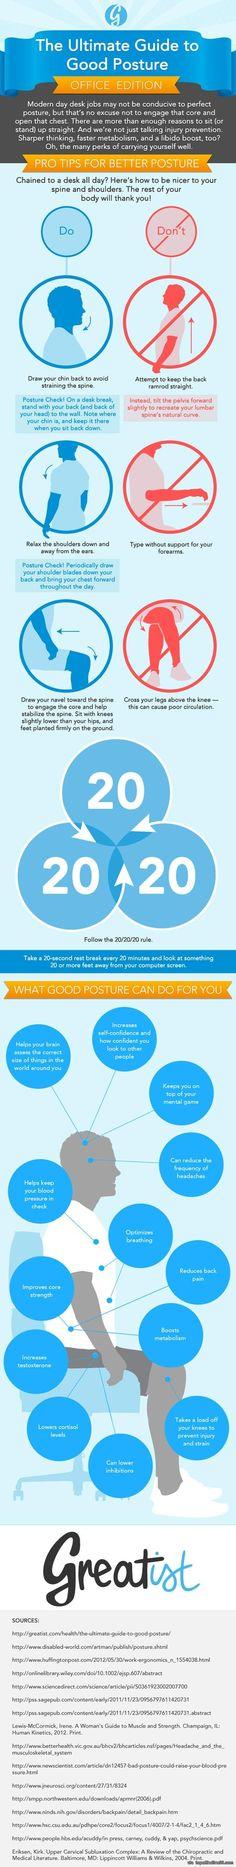 posture via topoftheline99.com